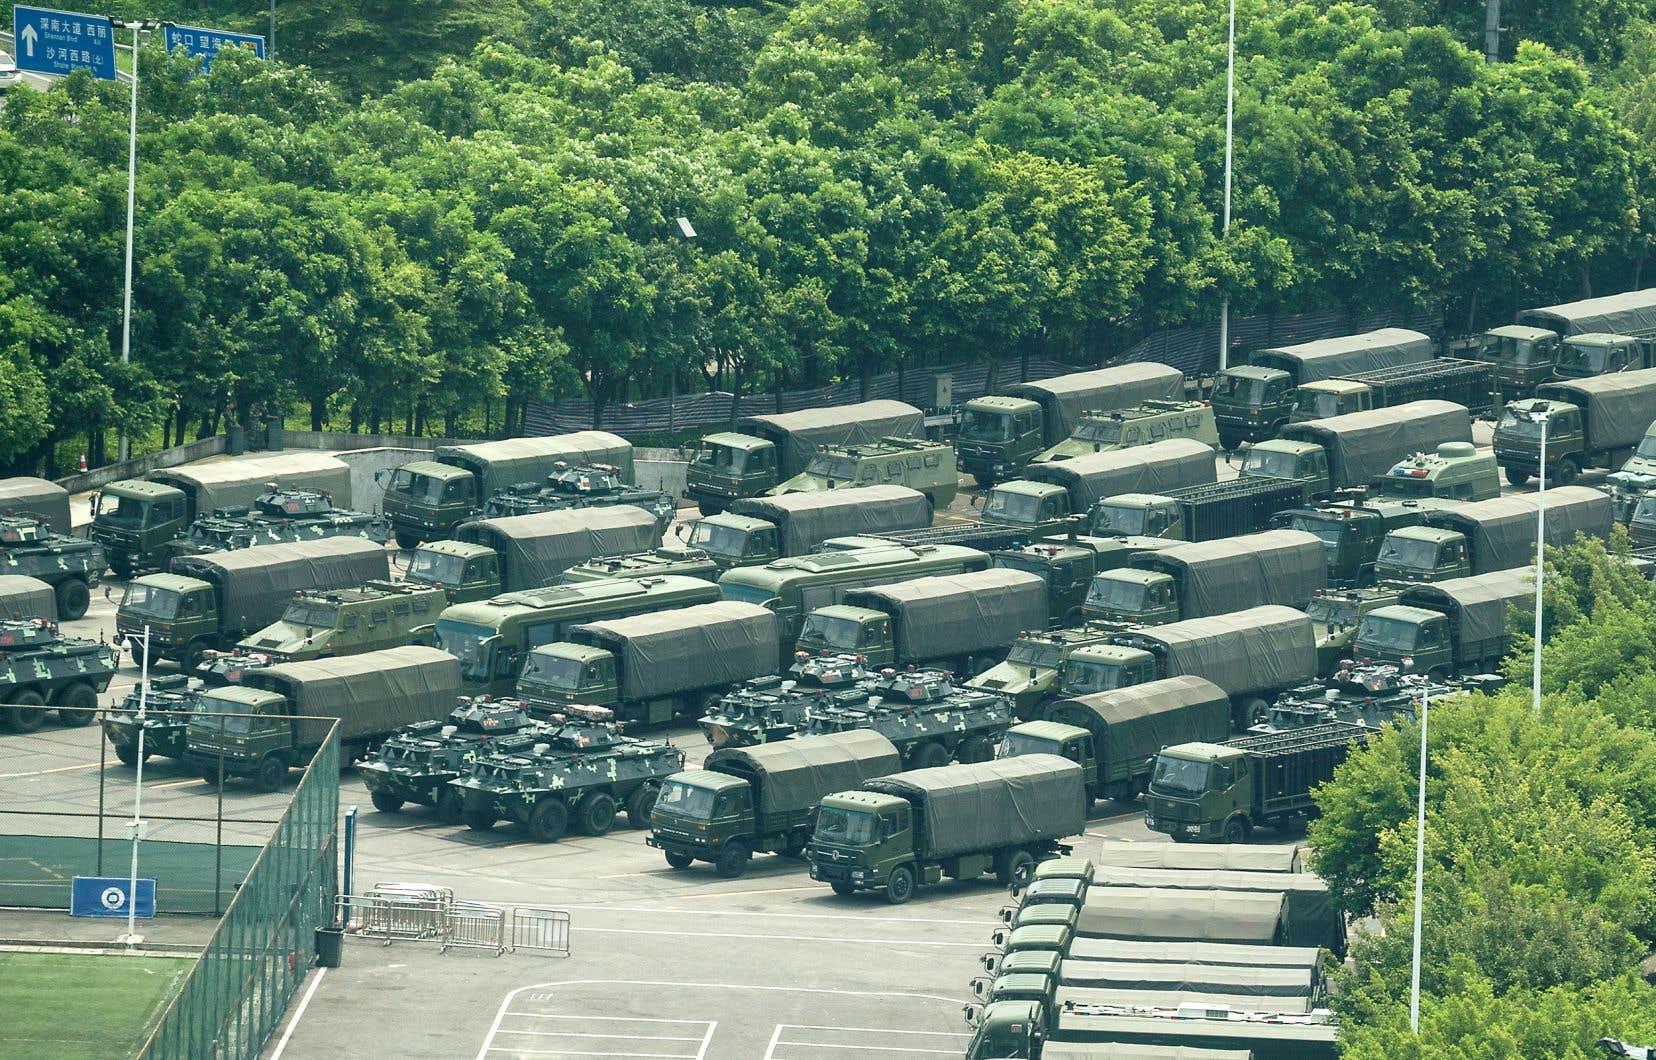 Des hommes en treillis étaient massés jeudi dans un stade de Shenzhen, la métropole chinoise située aux portes de l'ex-colonie britannique. Des camions et des blindés de transport de troupes étaient également visibles.